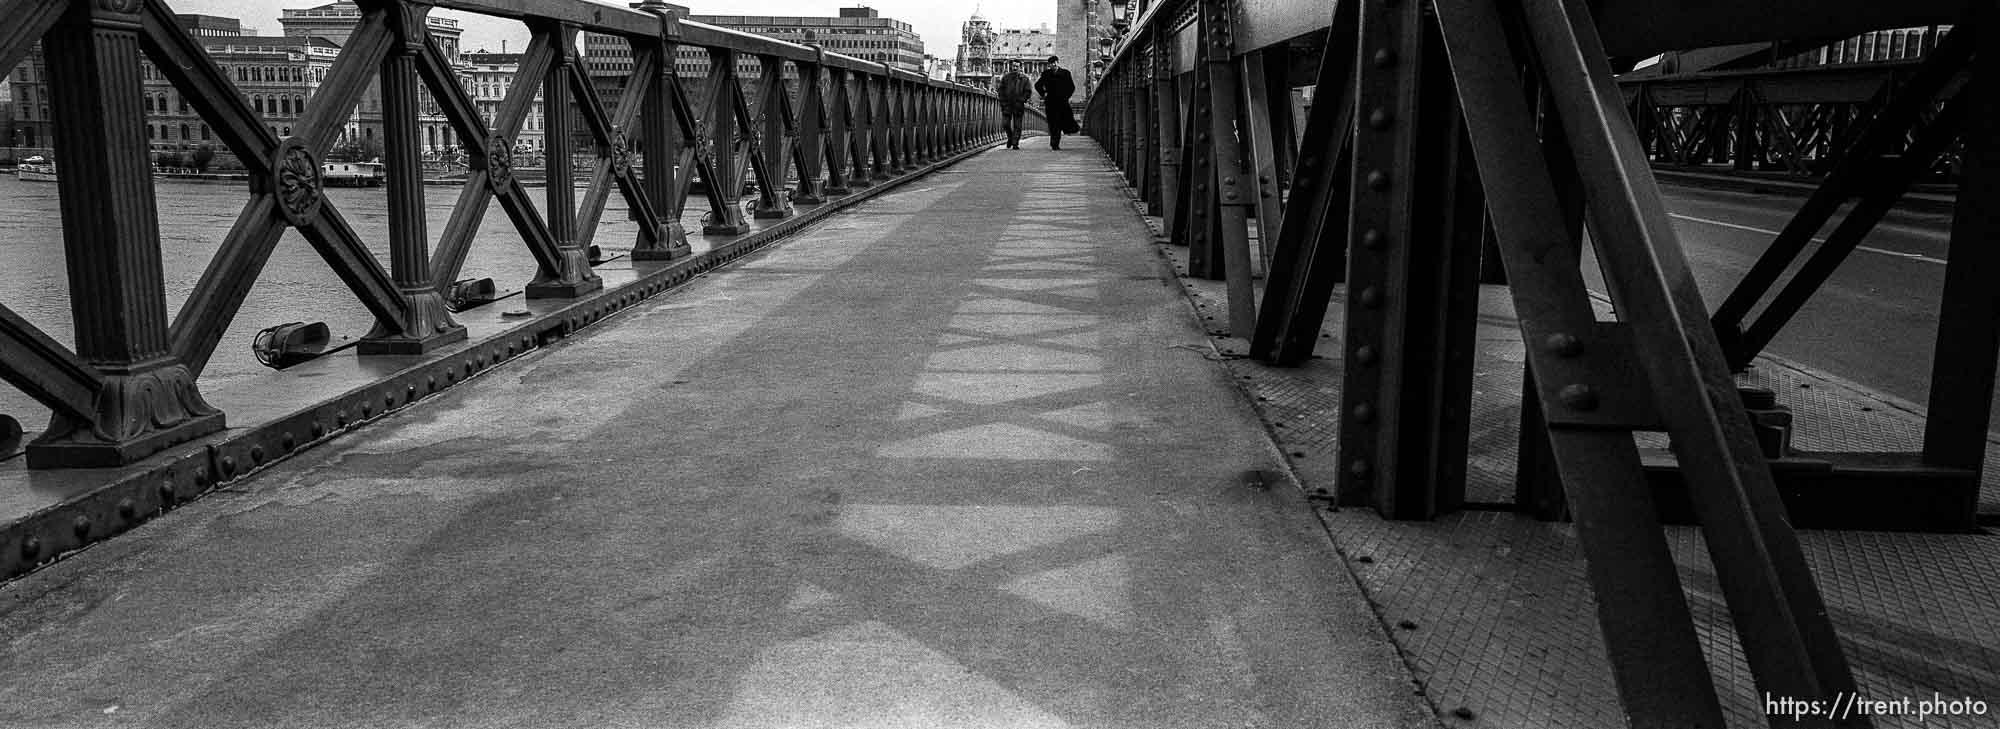 Pedestrians on the Szechenyi bridge.